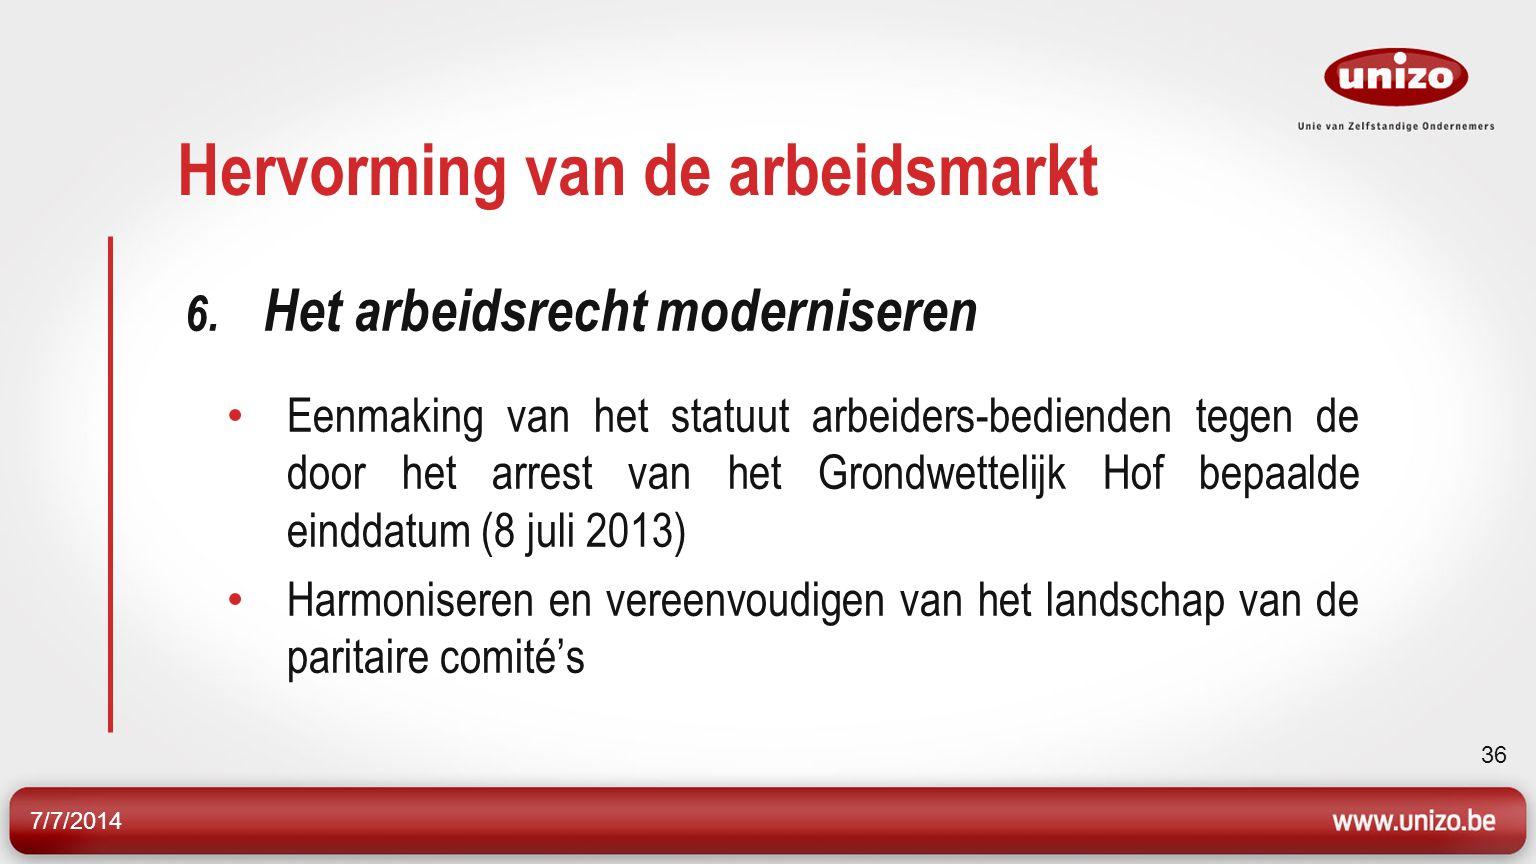 7/7/2014 37 Hervorming van de arbeidsmarkt 6.